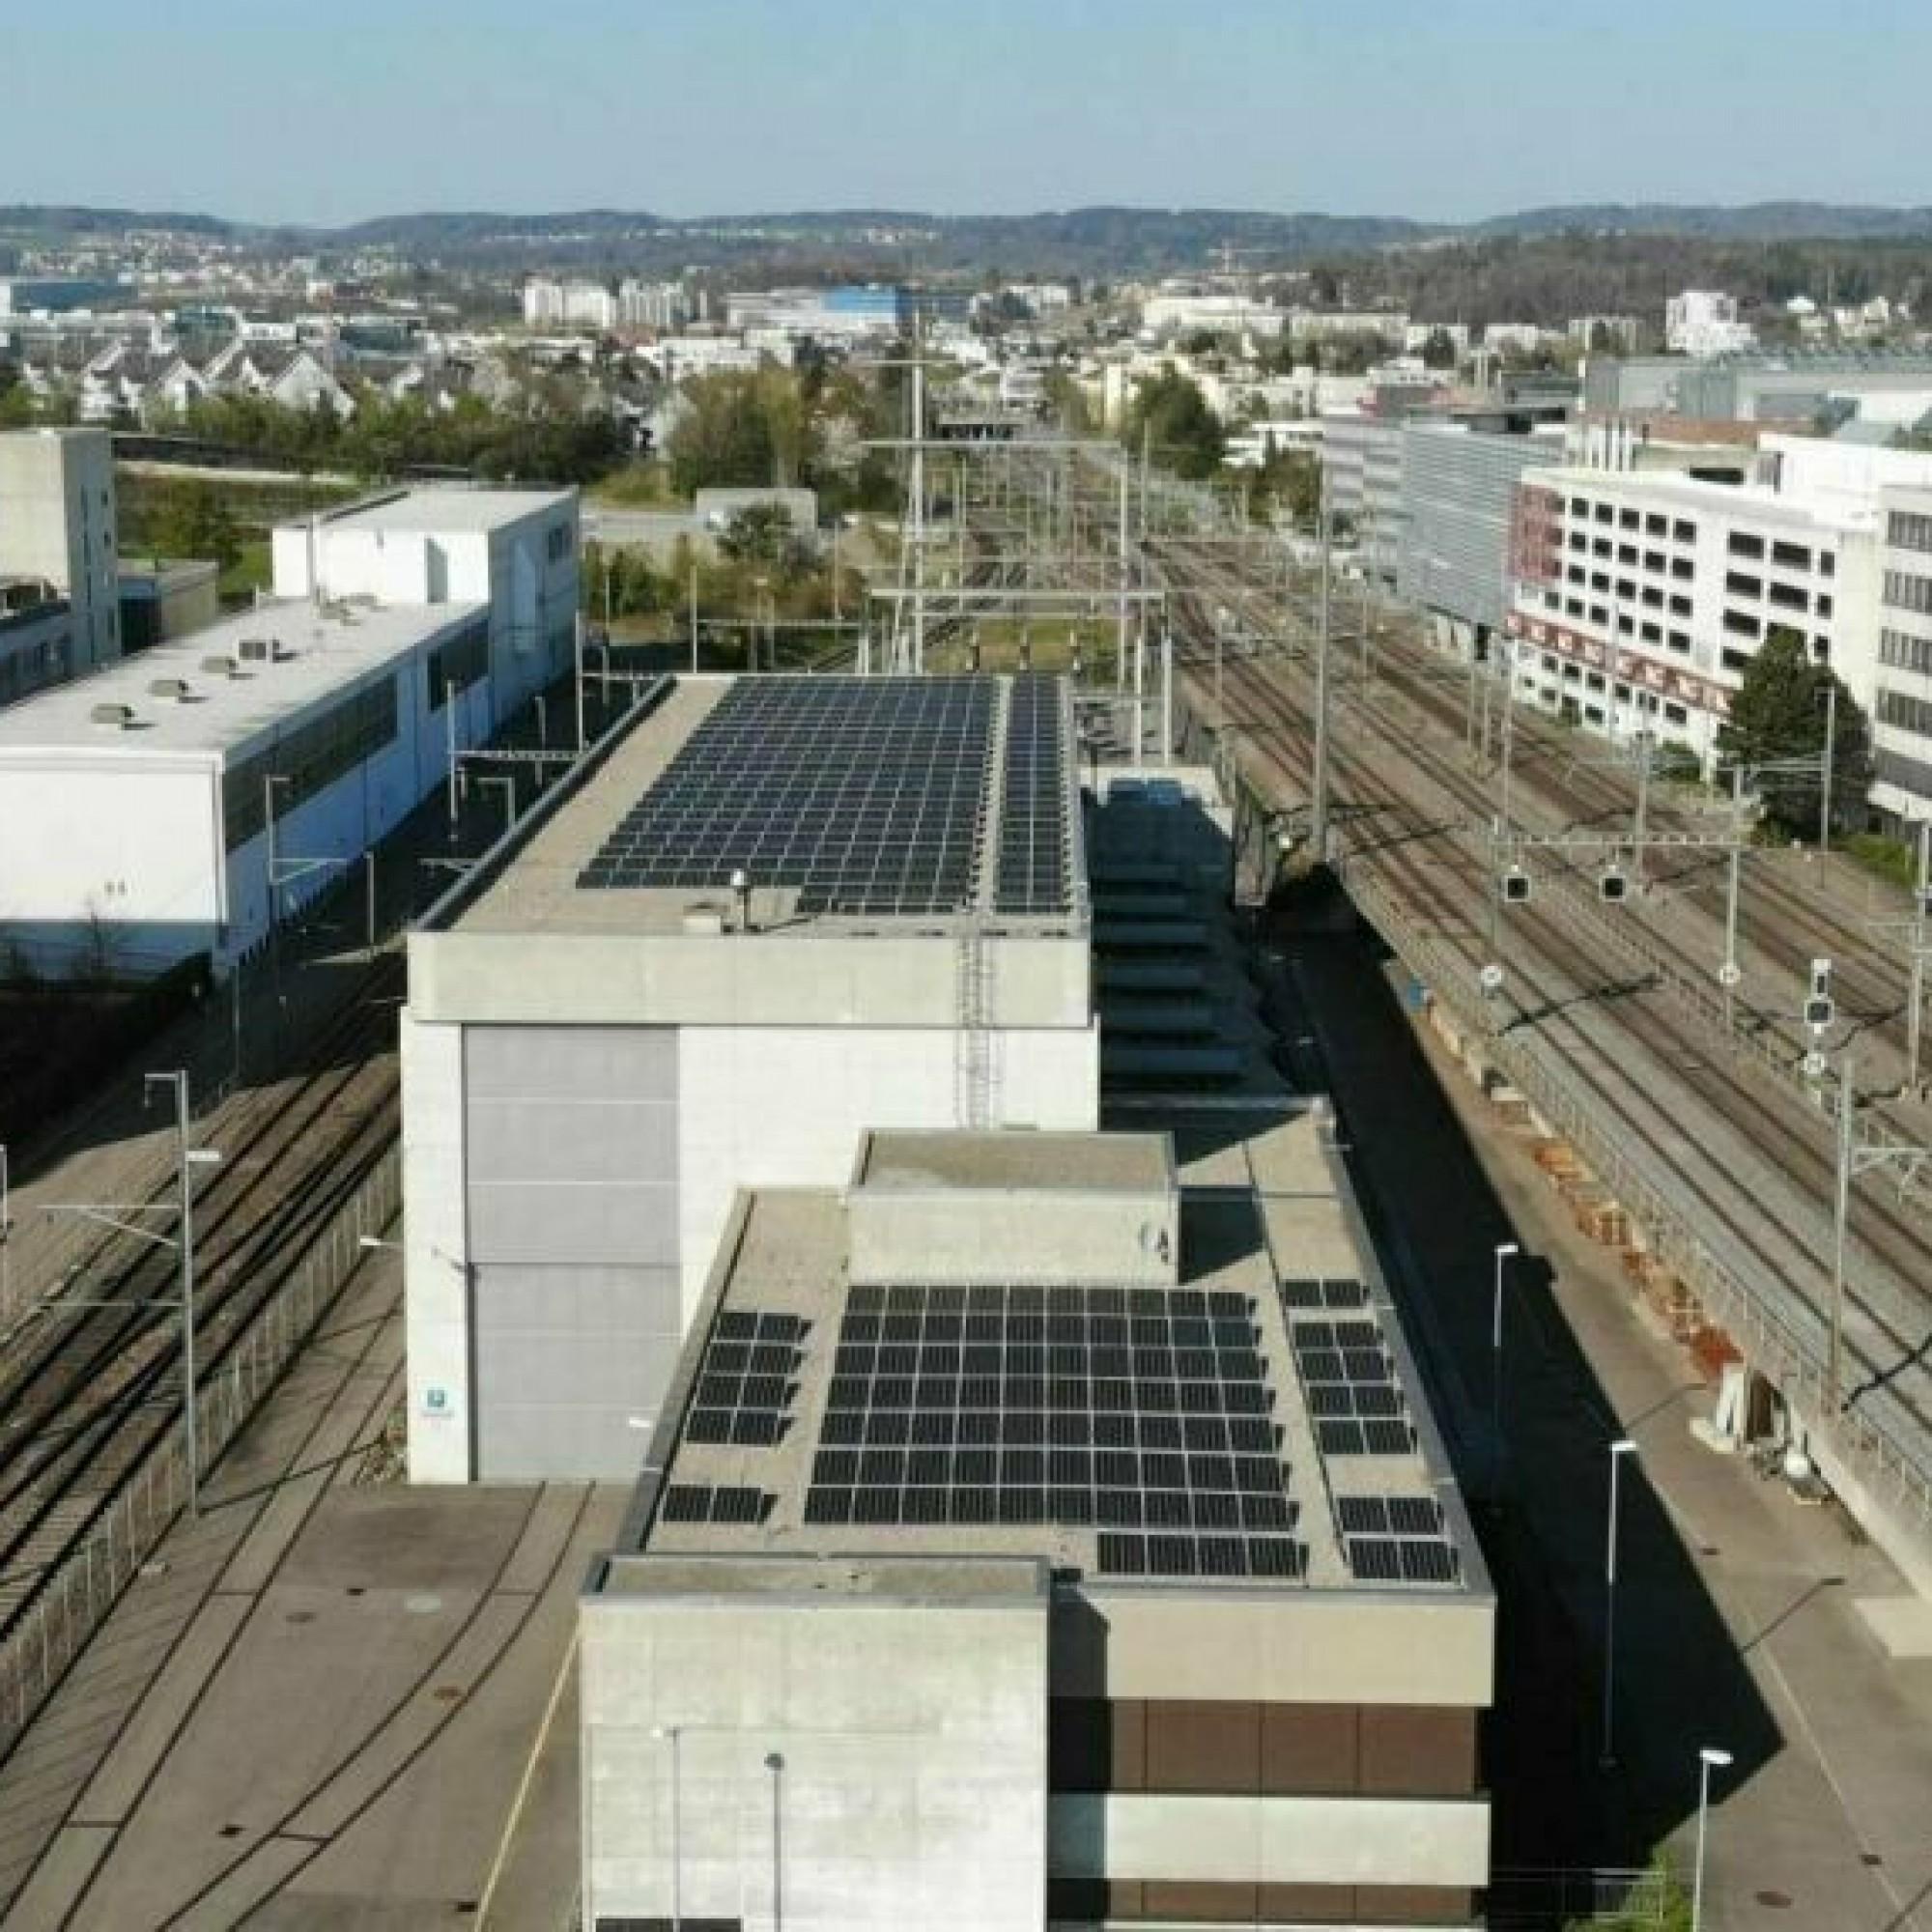 Photovoltaik-Anlage auf Frequenzumformer in Zürich-Seebach